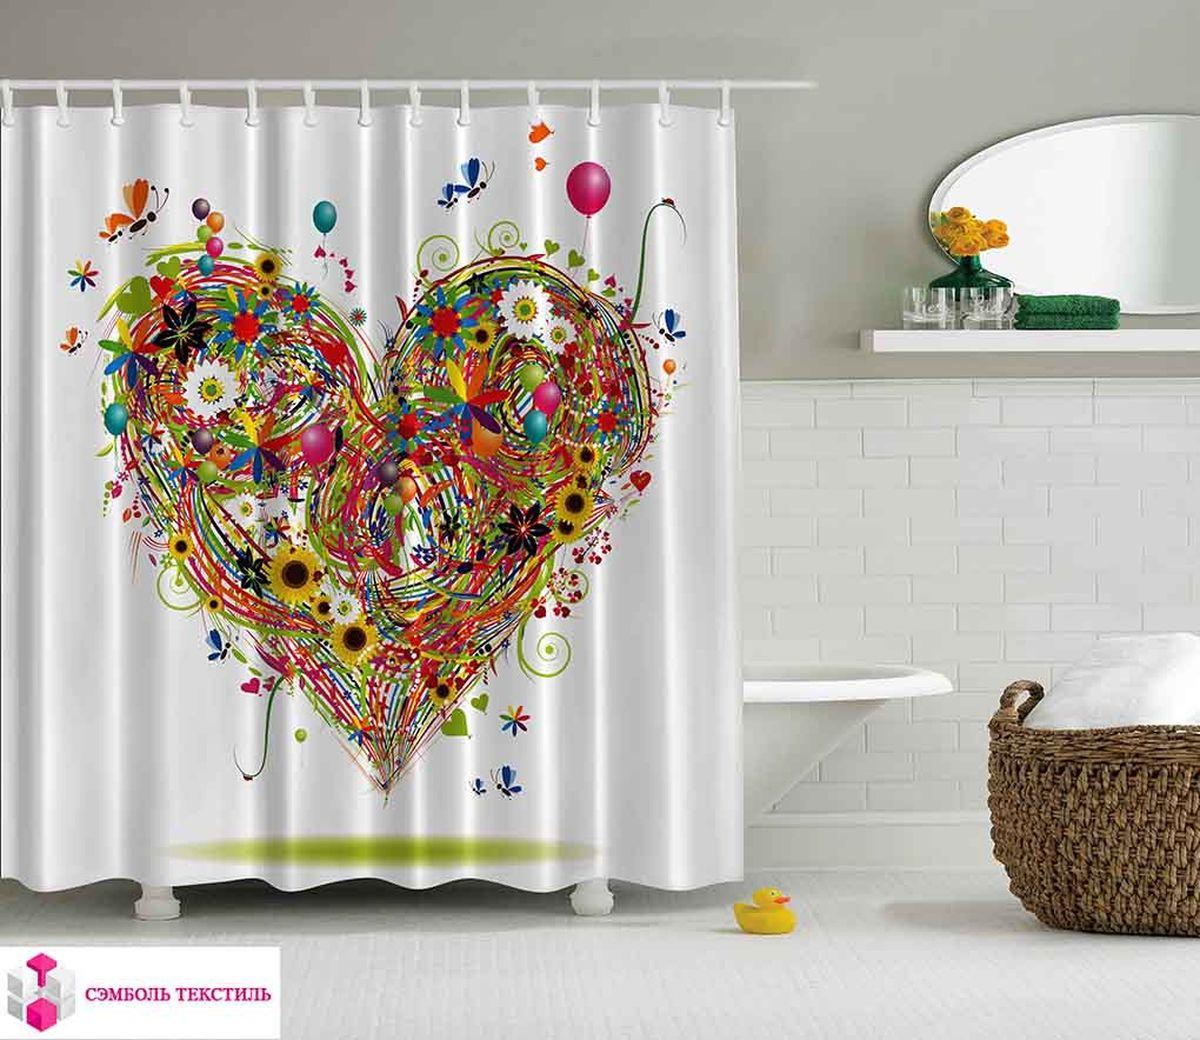 Штора для ванной комнаты Magic Lady Цветочное сердце, 180 х 200 см. шв_2693шв_15110Штора Magic Lady Цветочное сердце, изготовленная из высококачественного сатена (полиэстер 100%), отлично дополнит любой интерьер ванной комнаты. При изготовлении используются специальные гипоаллергенные чернила для прямой печати по ткани, безопасные для человека.В комплекте: 1 штора, 12 крючков. Обращаем ваше внимание, фактический цвет изделия может незначительно отличаться от представленного на фото.